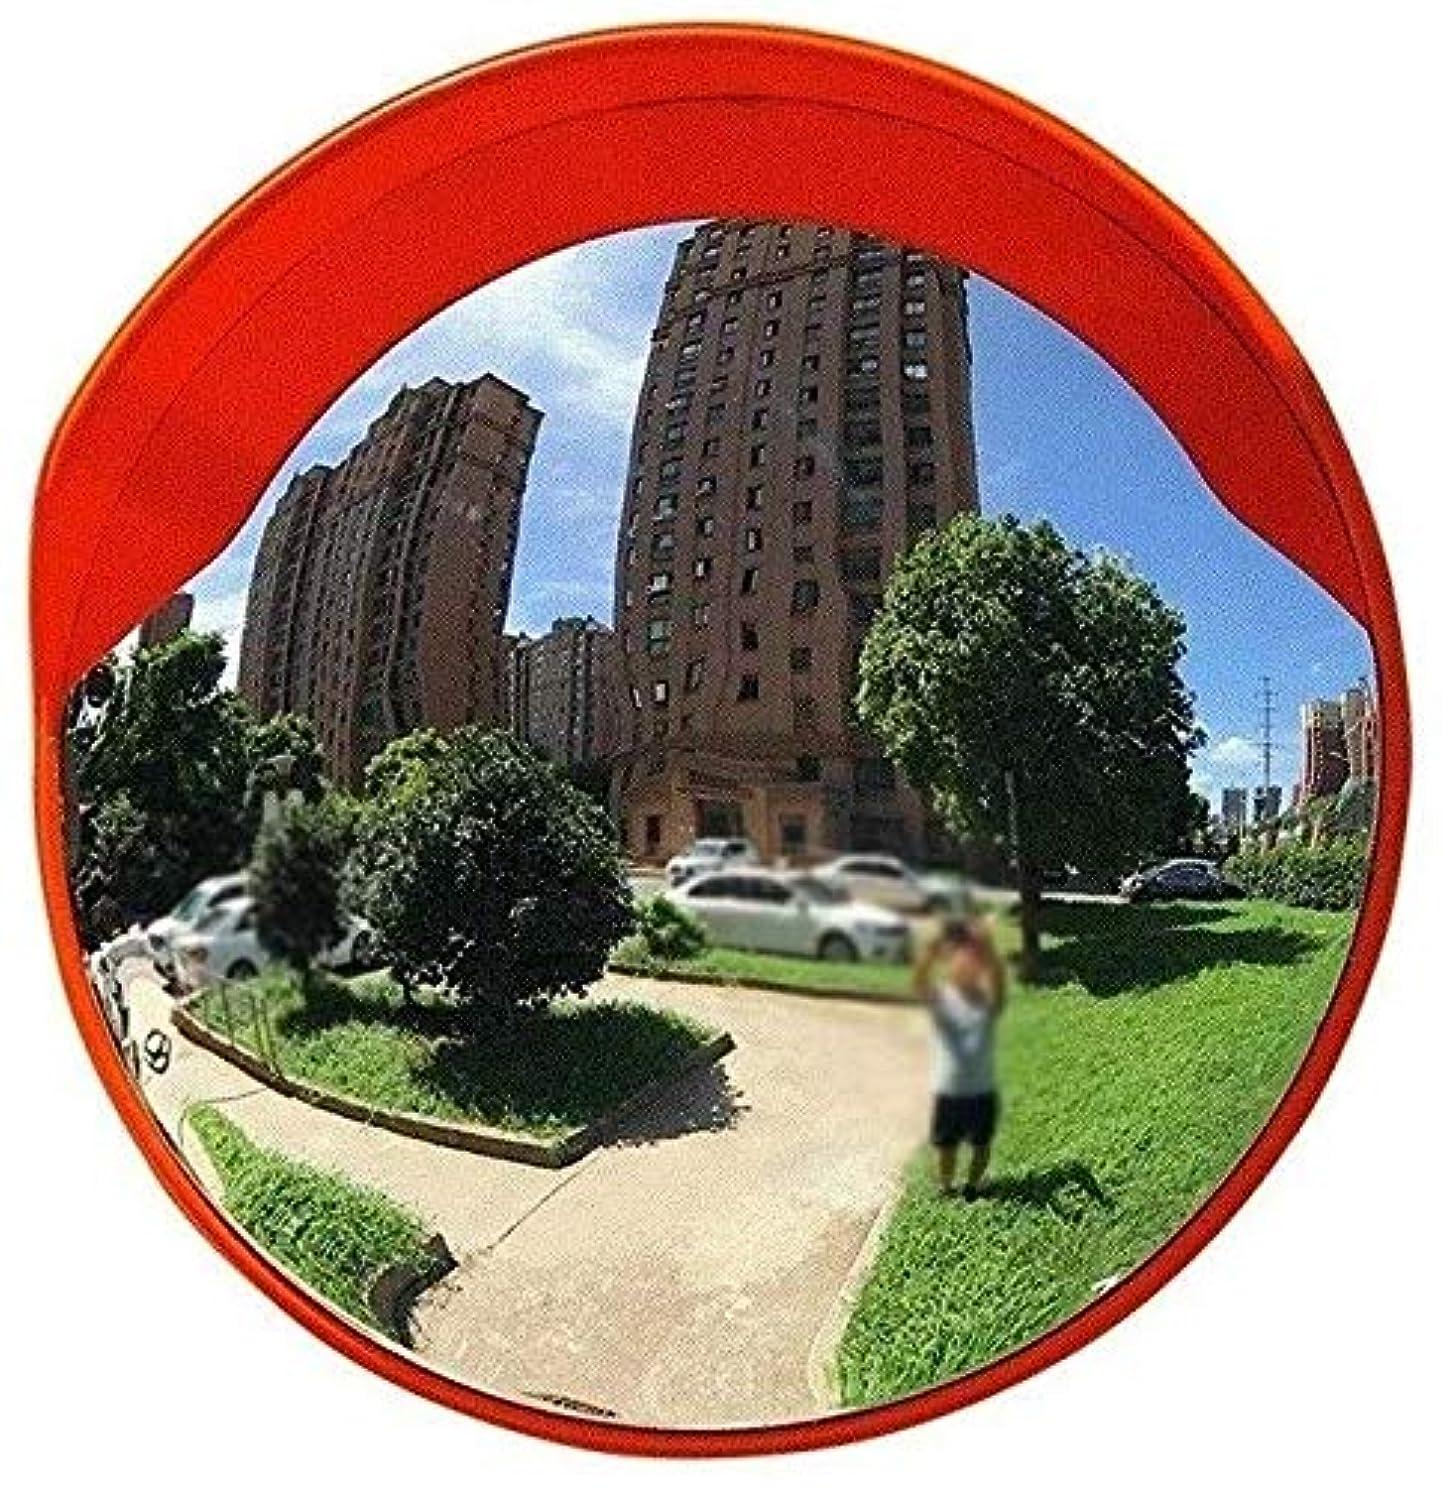 見通し宮殿彼女はCommunity Convex Safety Mirror、病院廊下広角レンズ地下ガレージブラインドスポットミラー直径:30-120CM(サイズ:45CM)